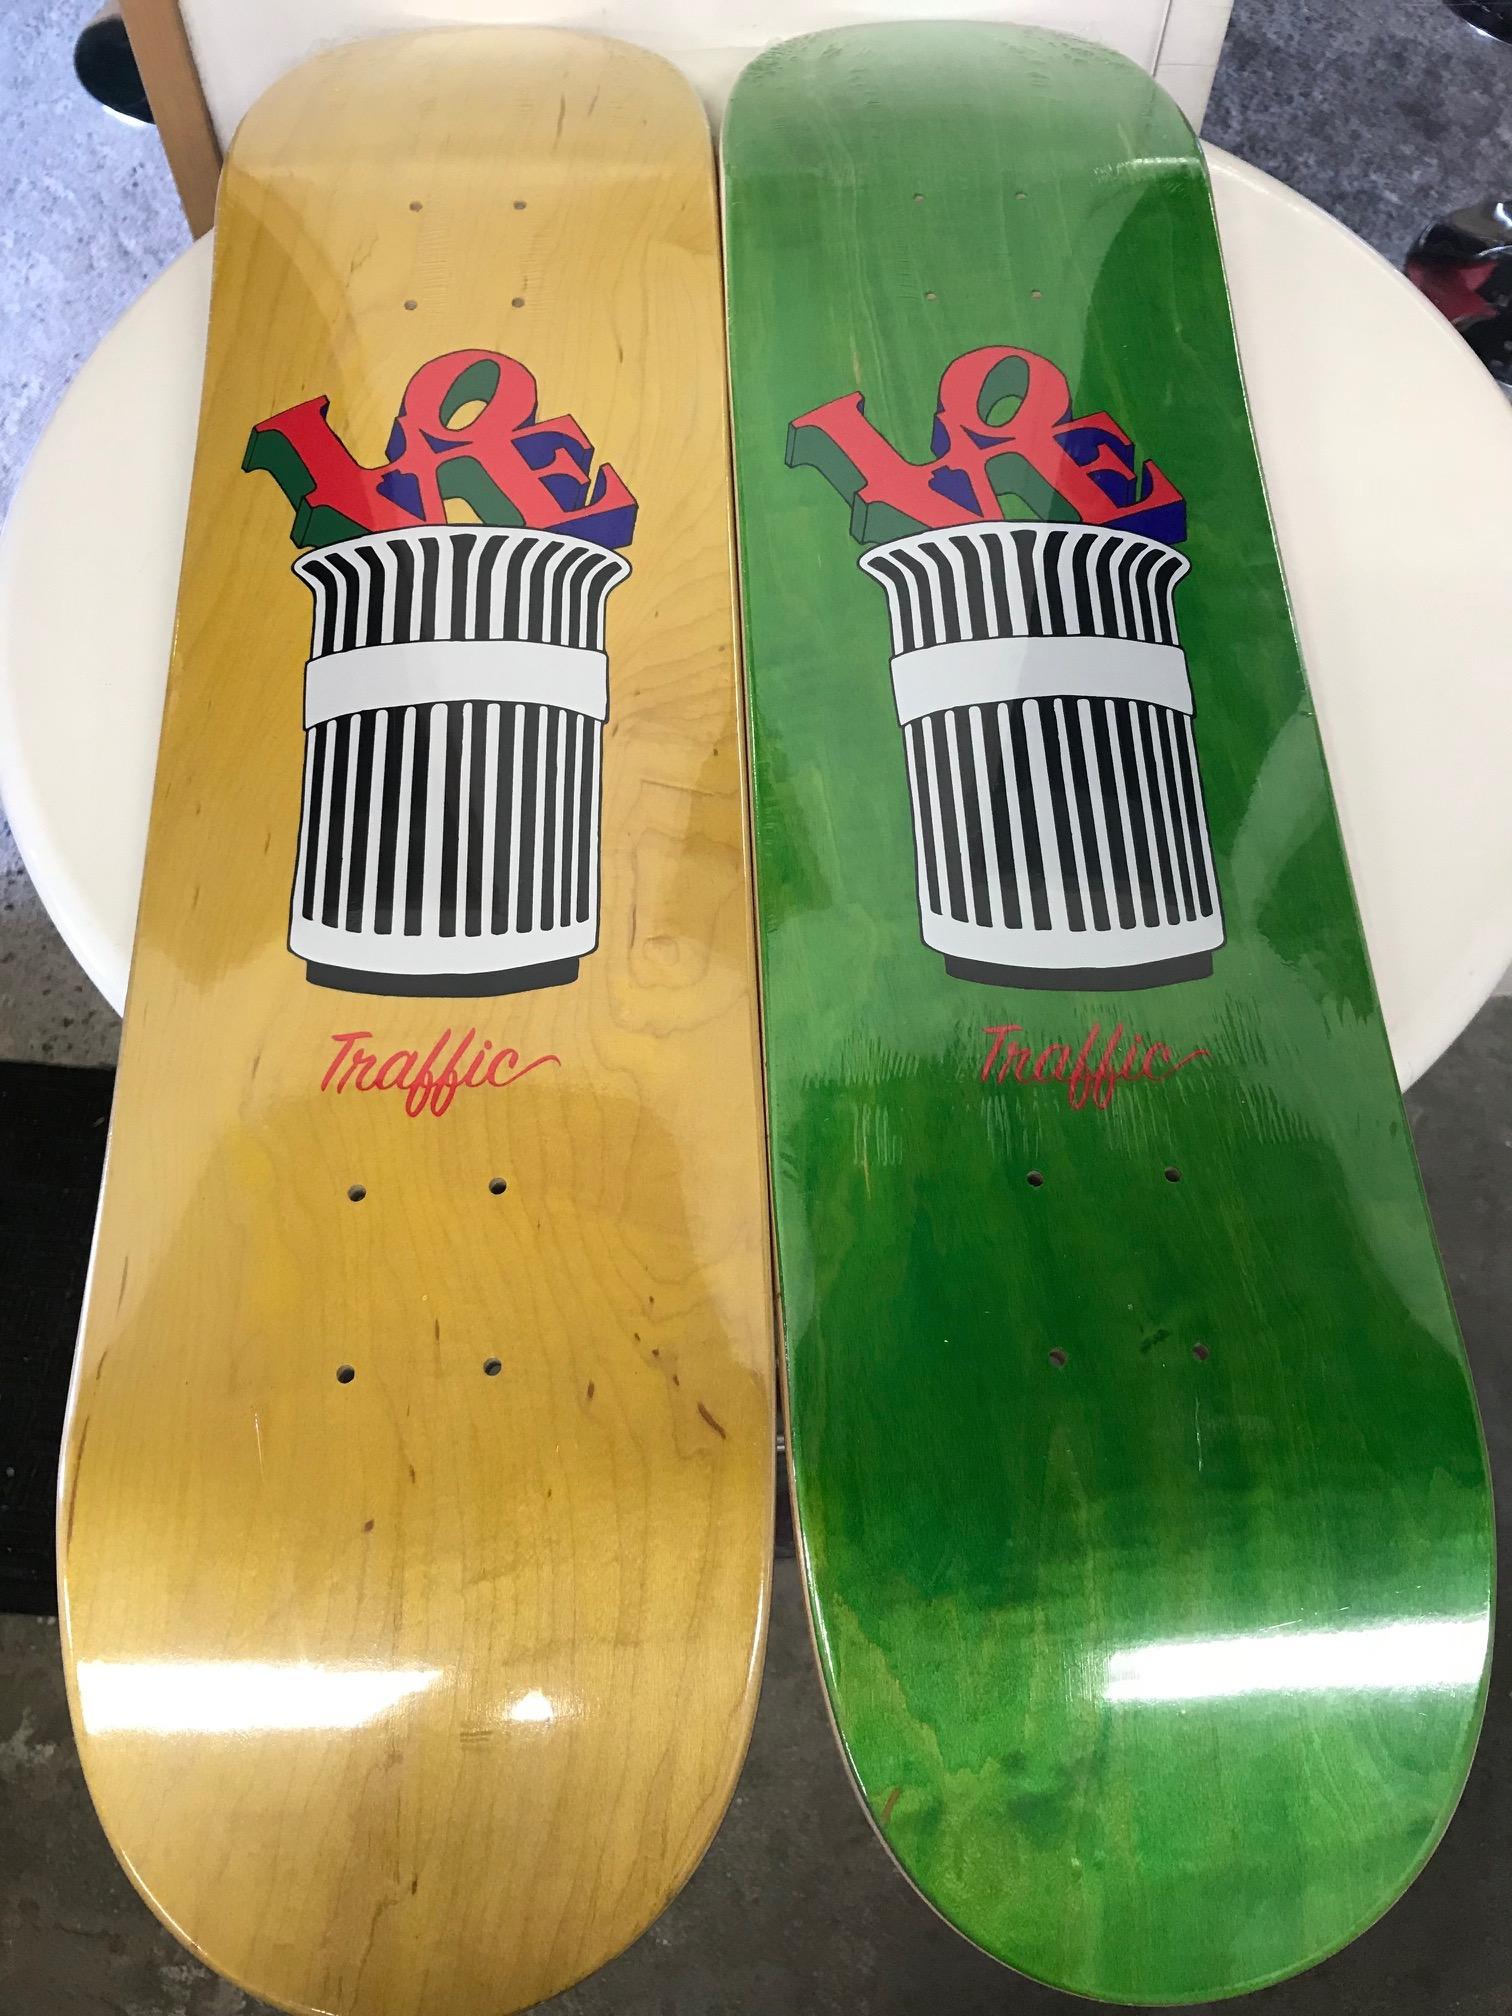 スケートアイテム TRAFFIC、PRIMITIVE Skateboards、BLIND、VENTURE、SPITFIRE入荷しました!!